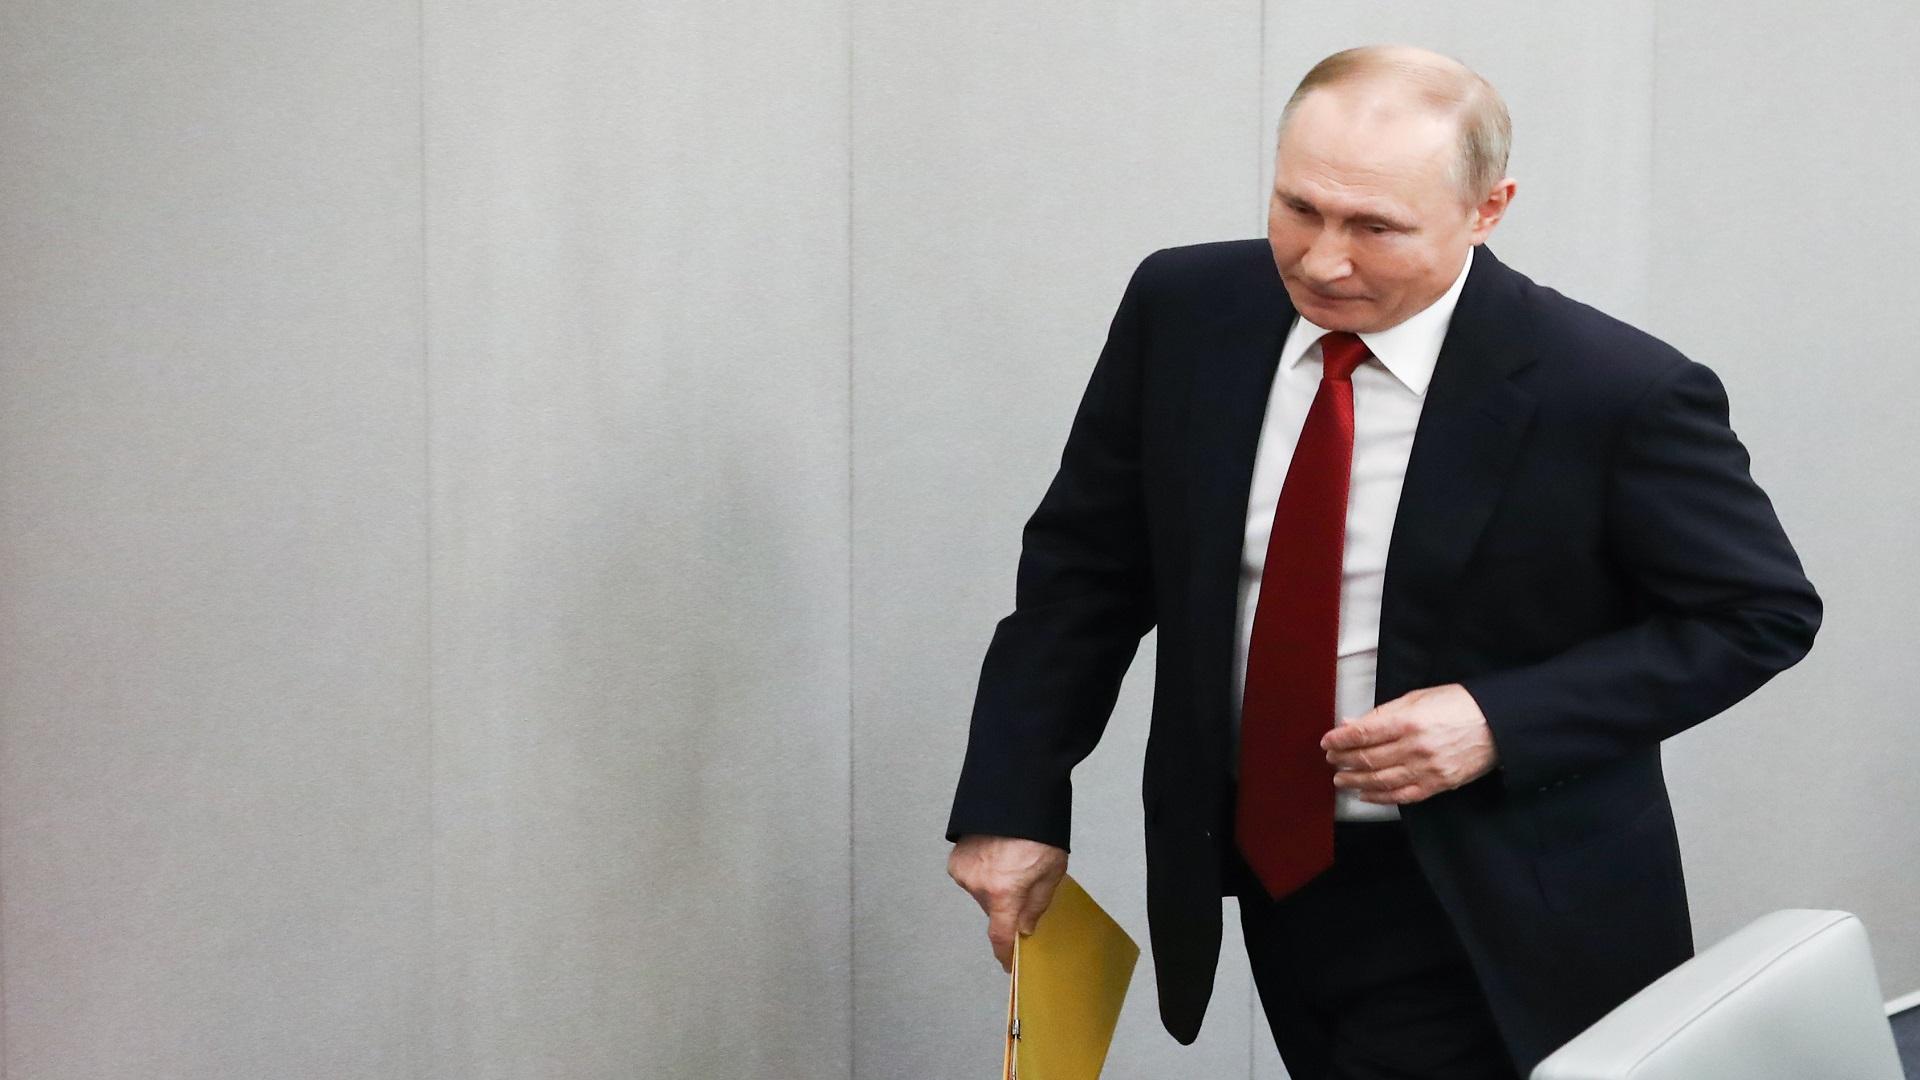 """بوتين يصدر مرسوما يقضي """"بتبنّي إجراءات الرد على الخطوات غير الودية من دول أجنبية"""" تجاه روسيا"""